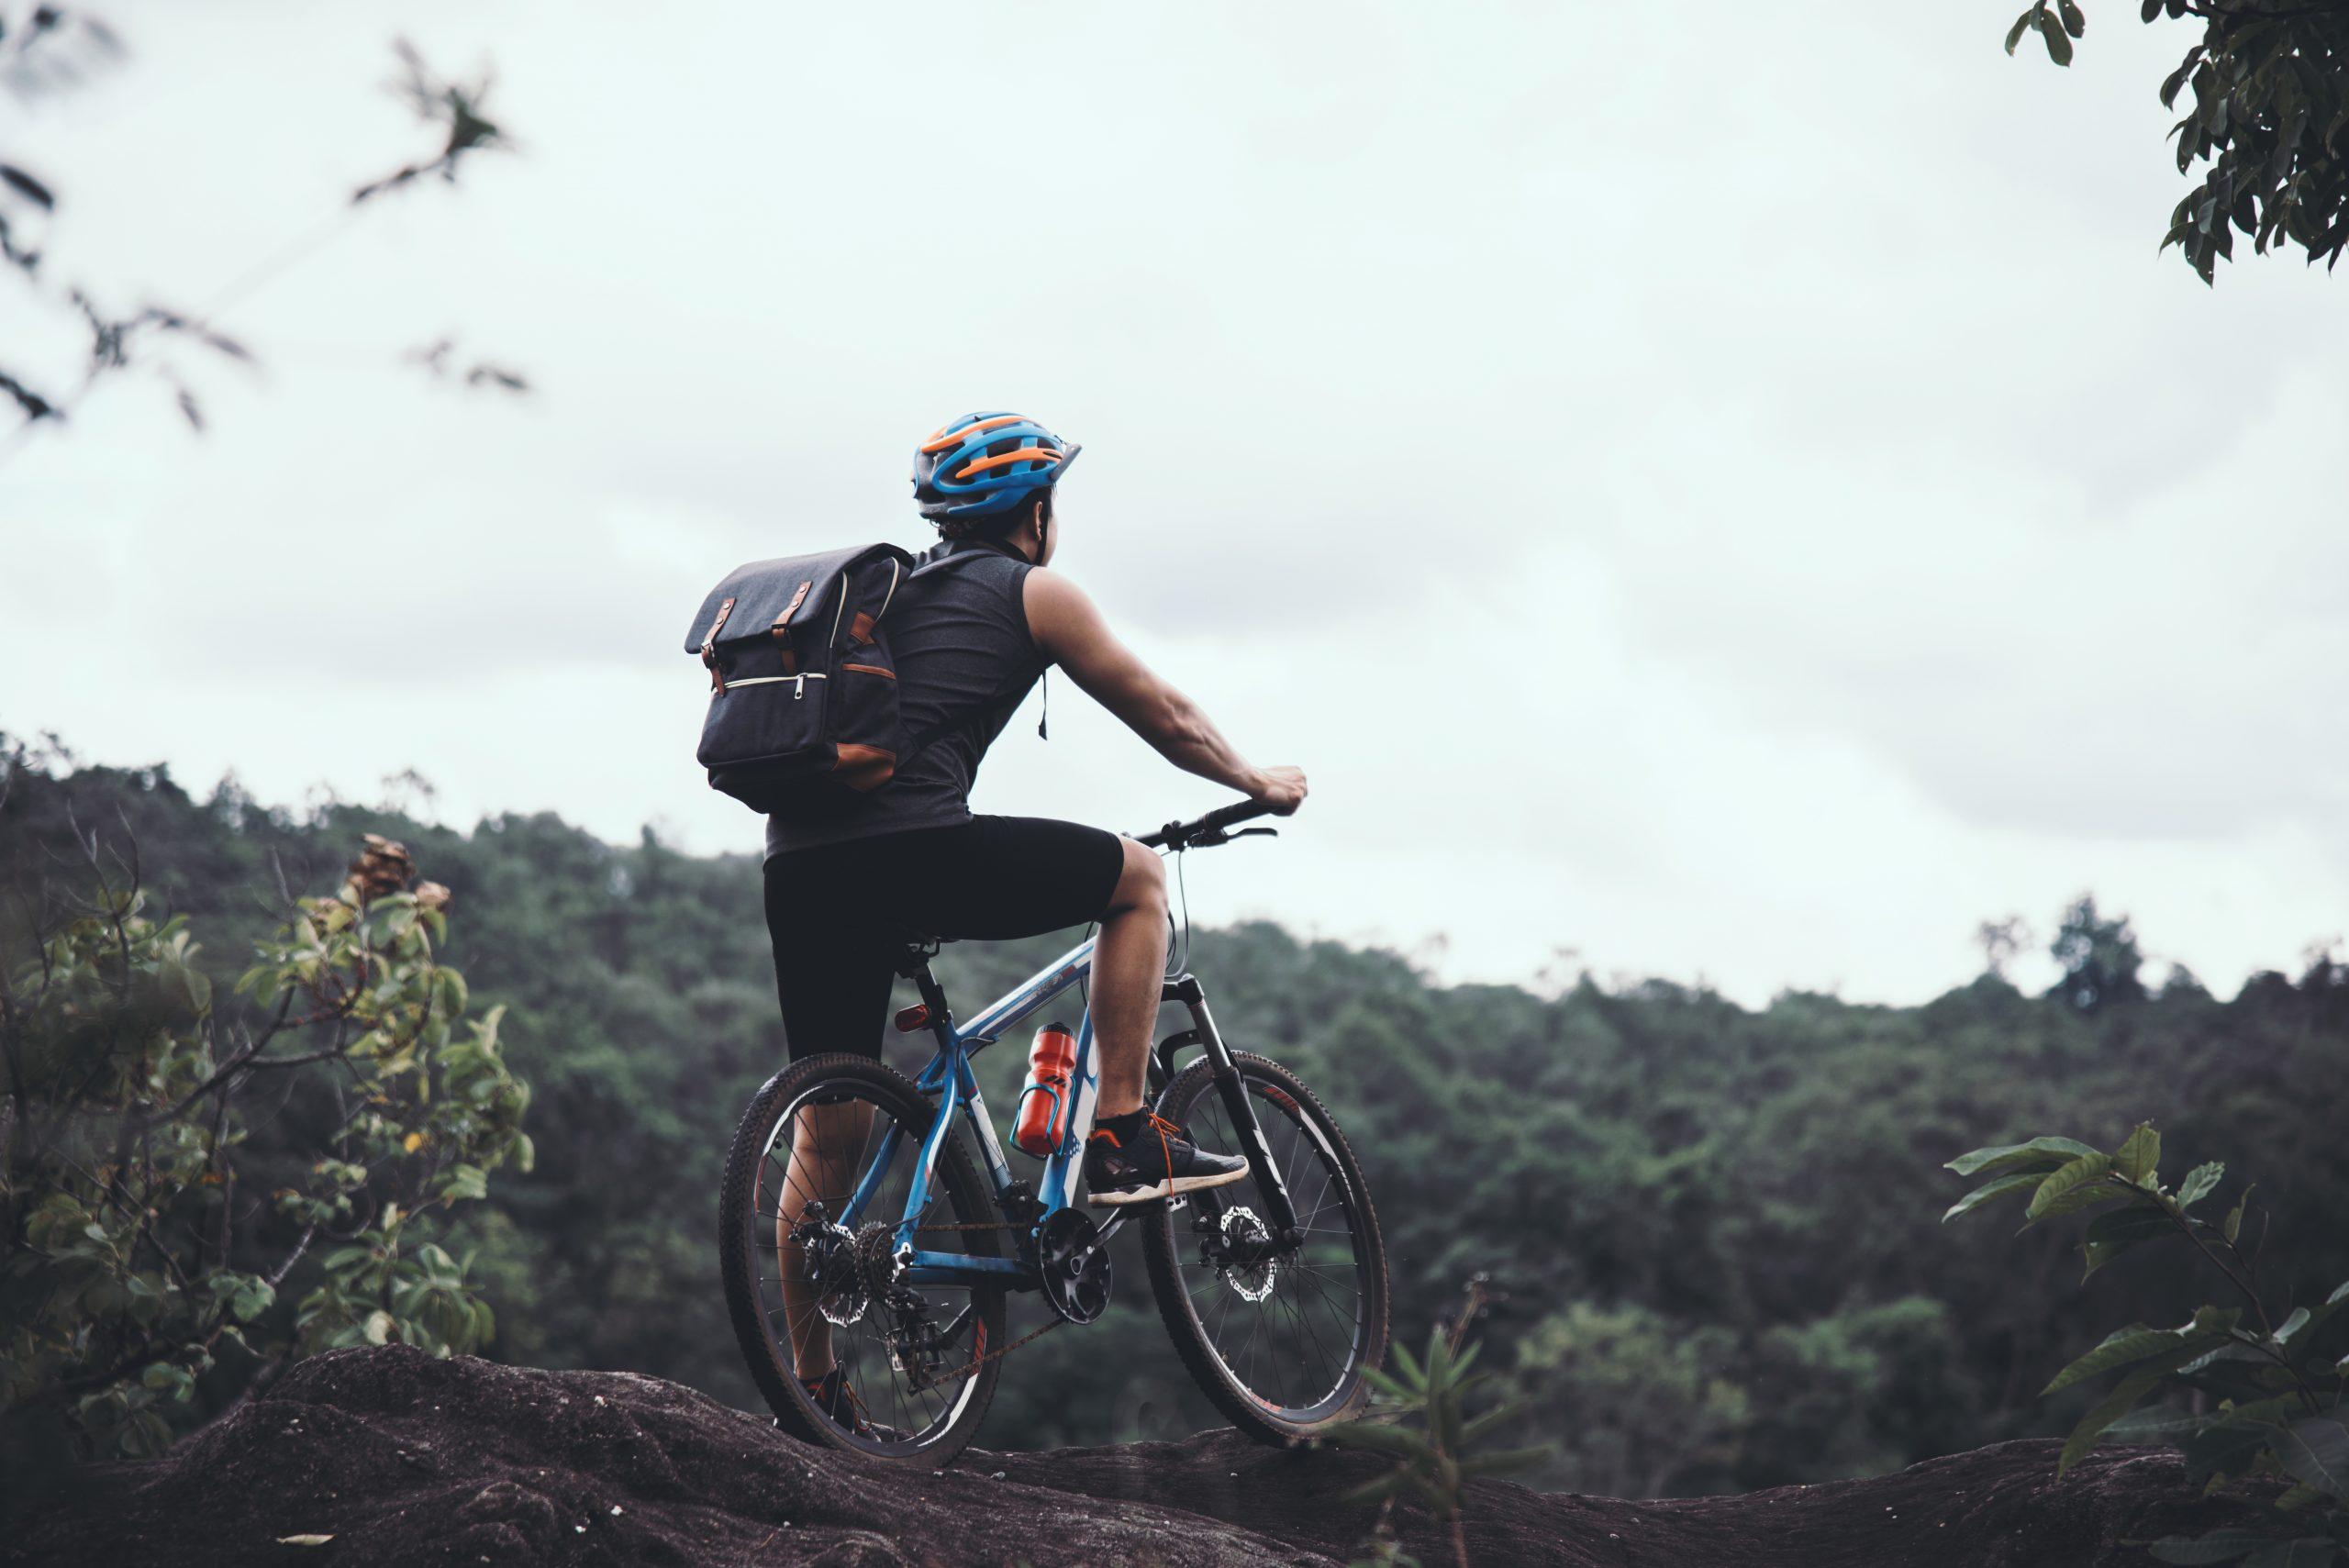 Ciclista andando de bicicleta na natureza